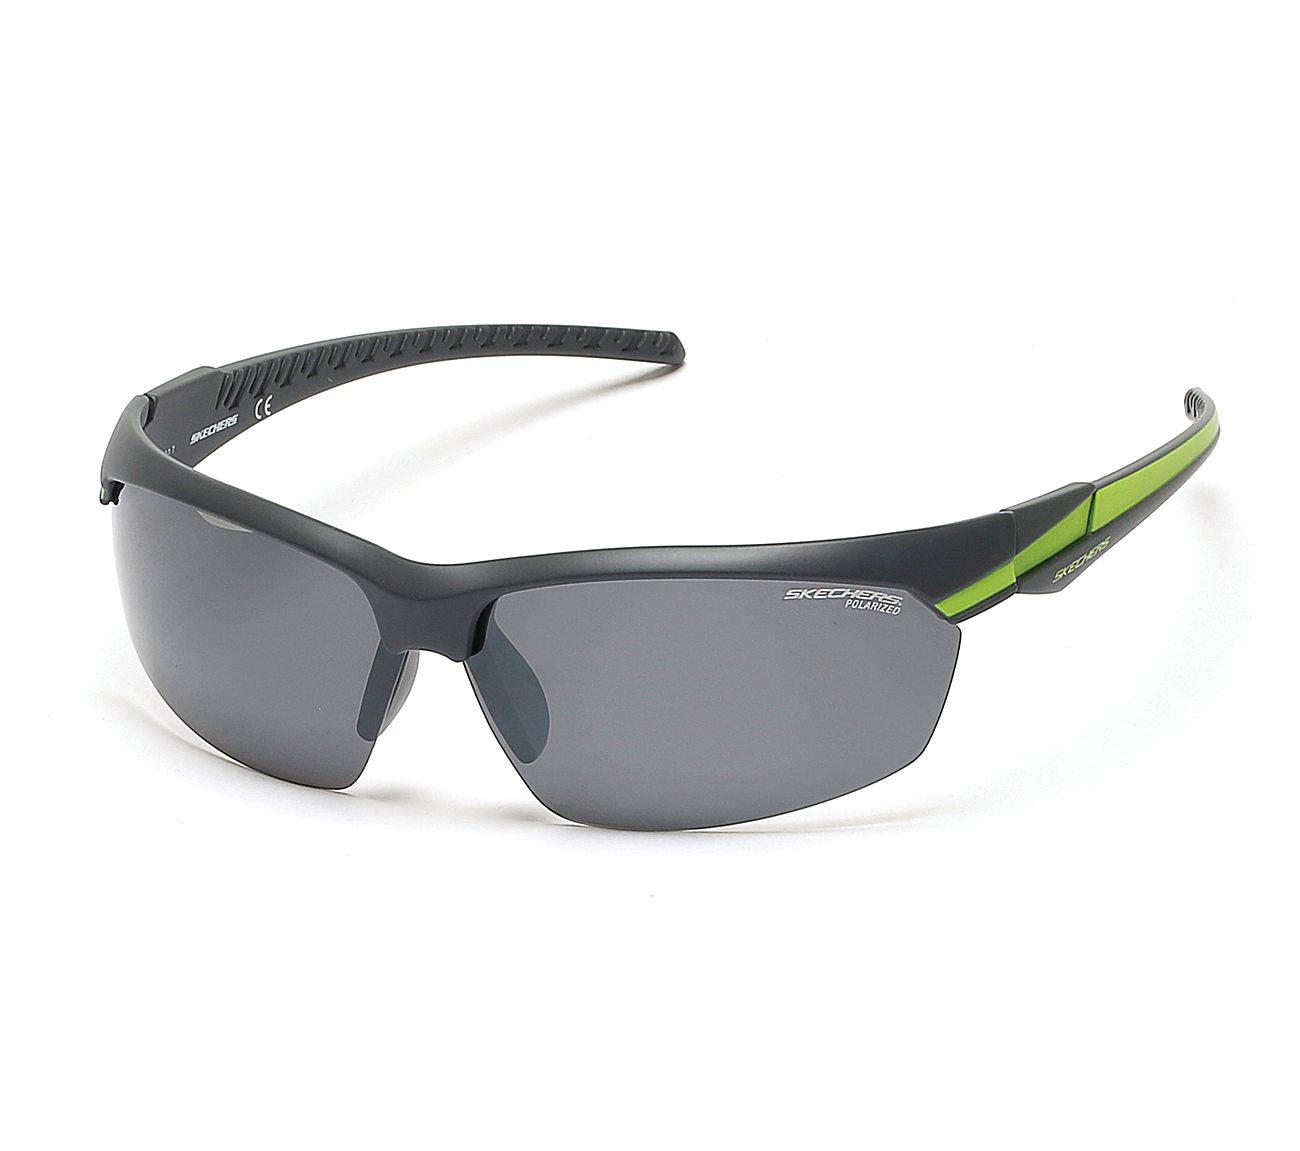 252843c278e7 Buy SKECHERS Sport Wrap Half Rim Sunglasses Accessories Shoes only ...